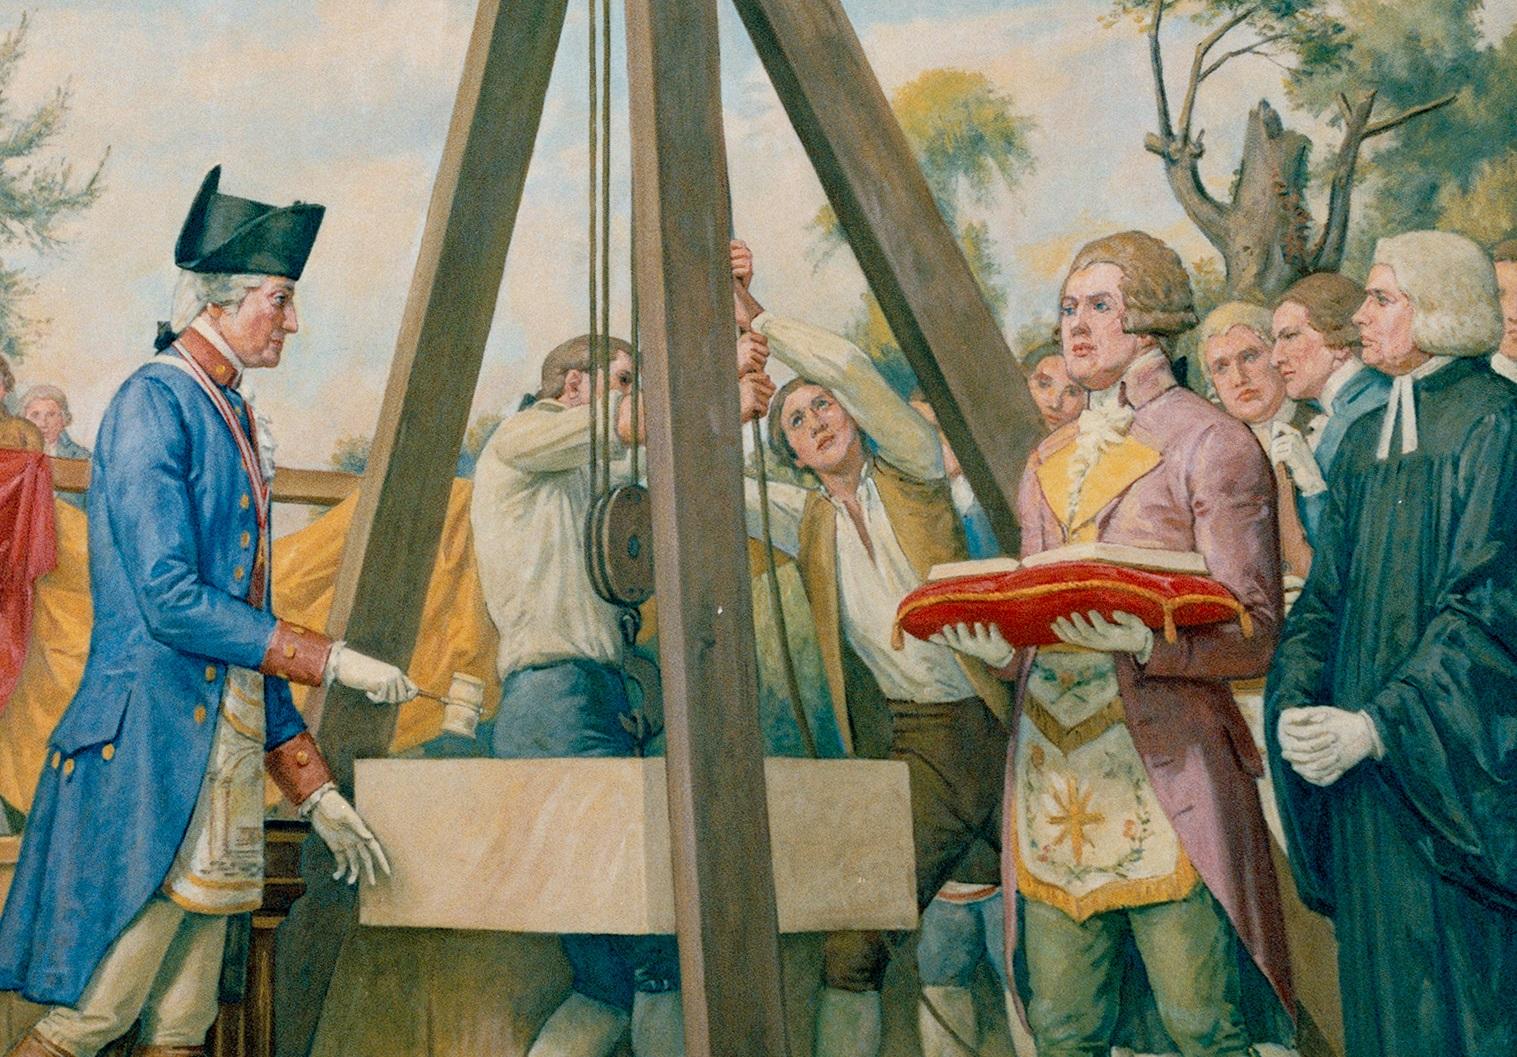 United States Capitol cornerstone laying - Wikipedia